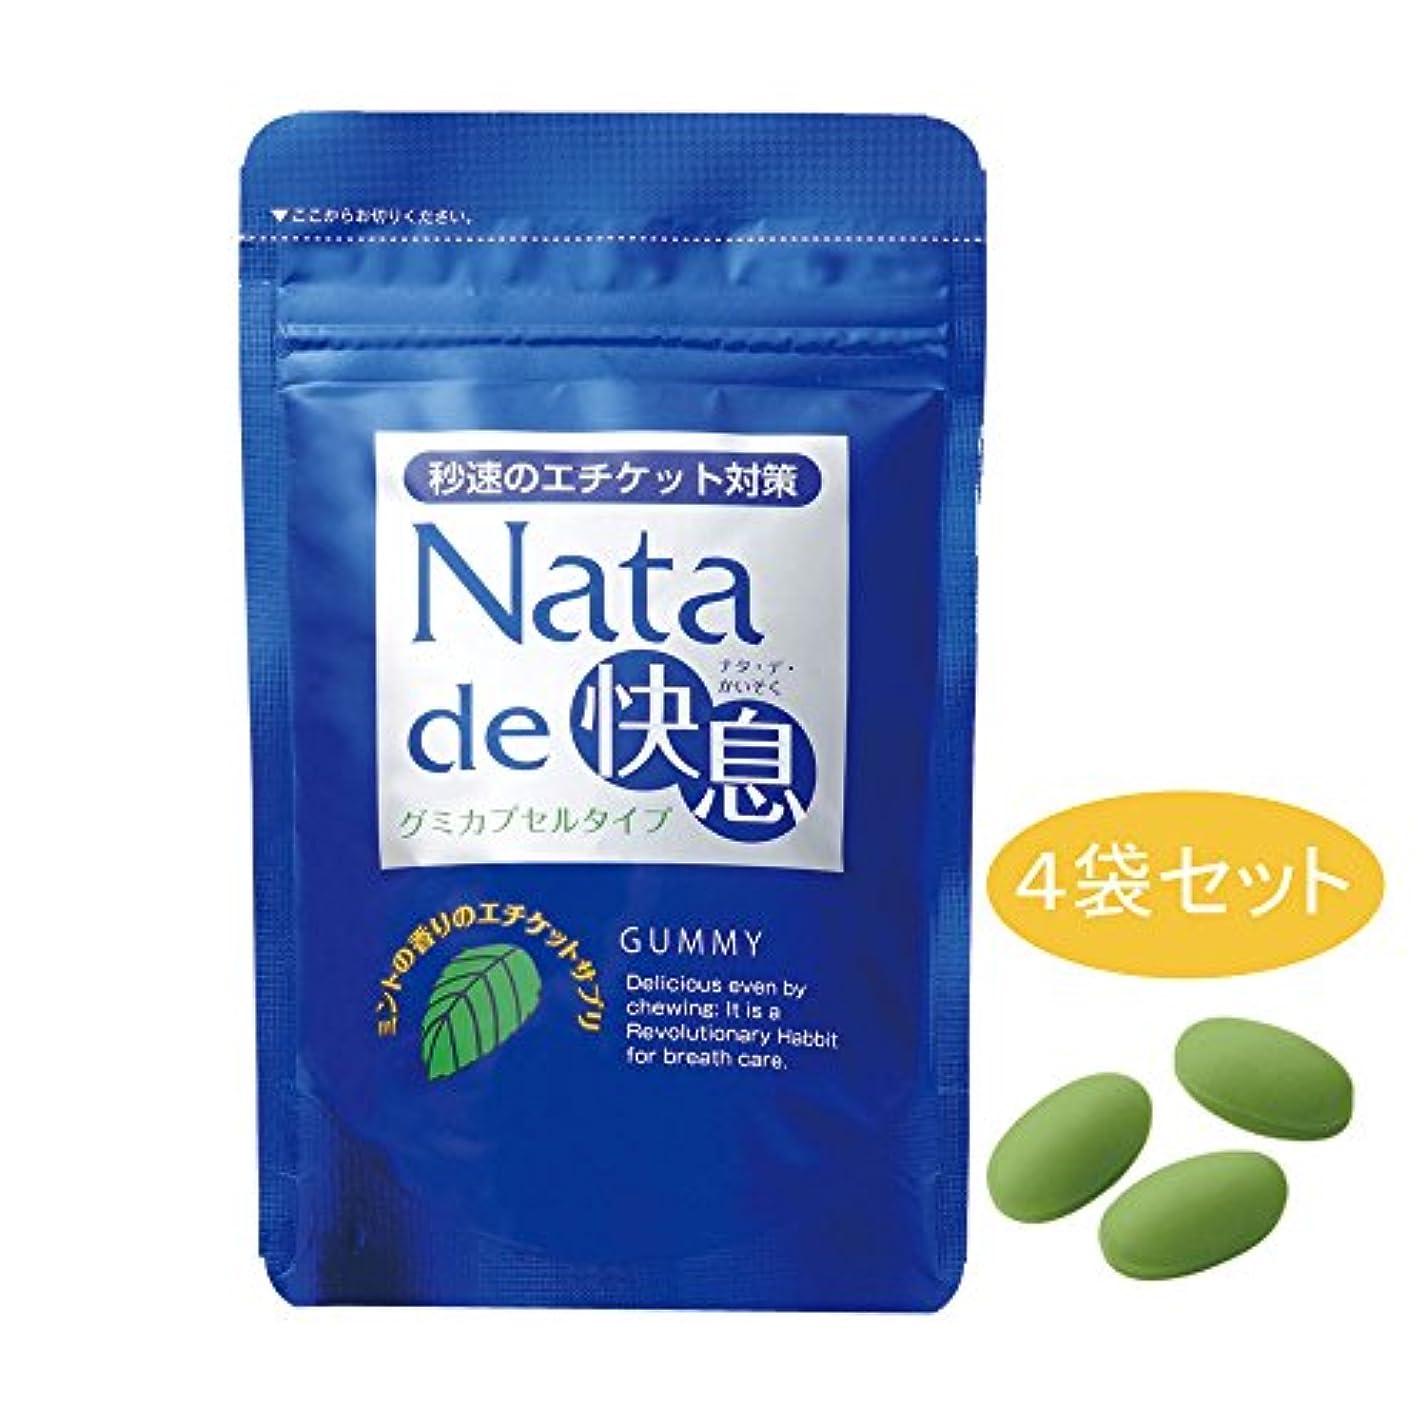 バレエ環境保護主義者常にナタデ快息 ミントの香り 4袋セット